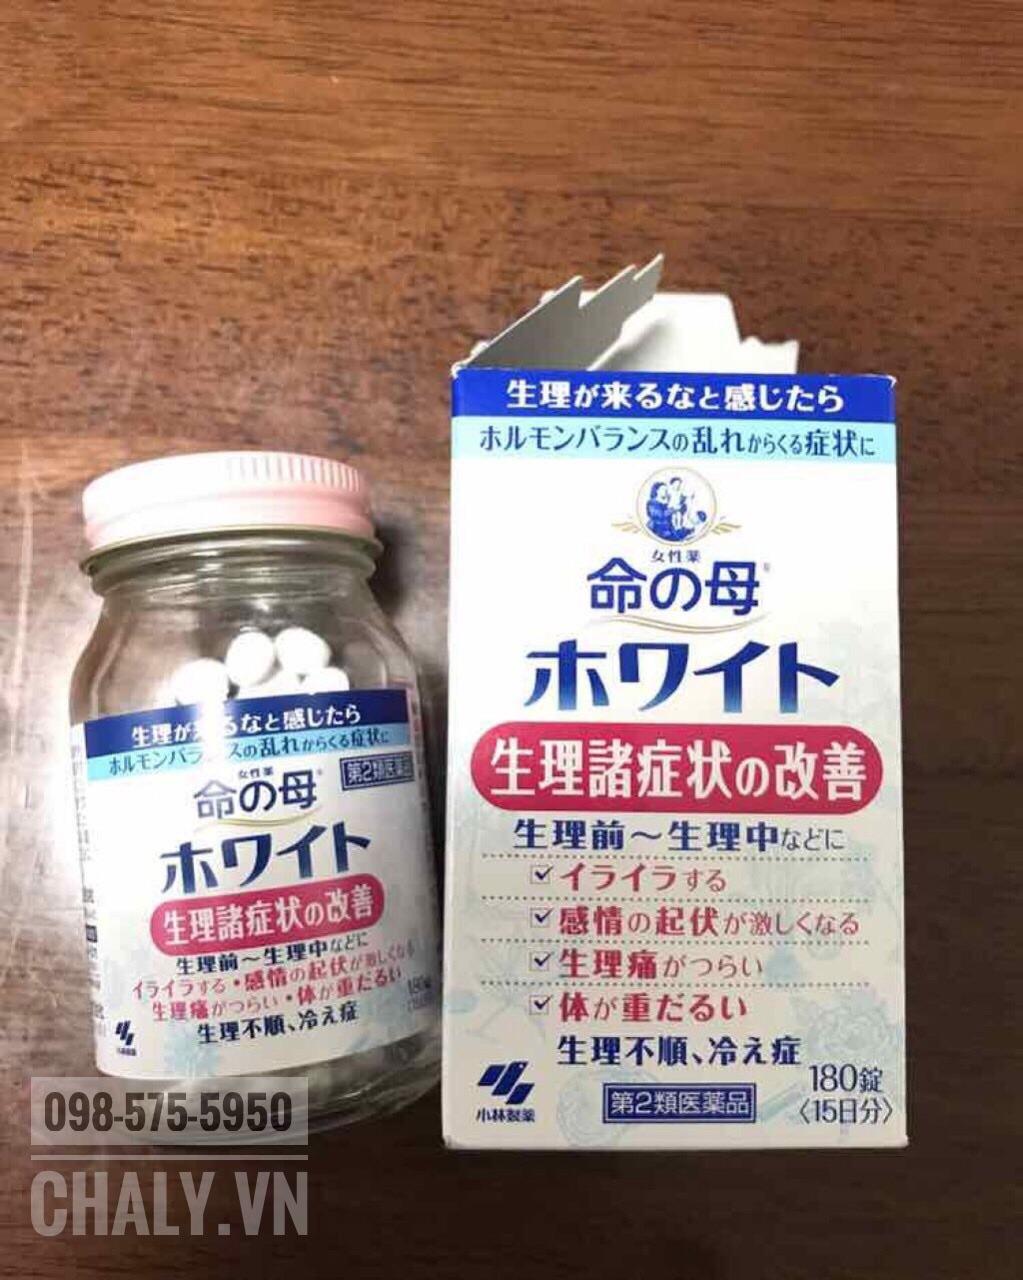 Chỉ cần 1 lọ điều kinh 15 ngày này uống trước đợt kinh là mình hết đau bụng khoẻ re. Quá tốt